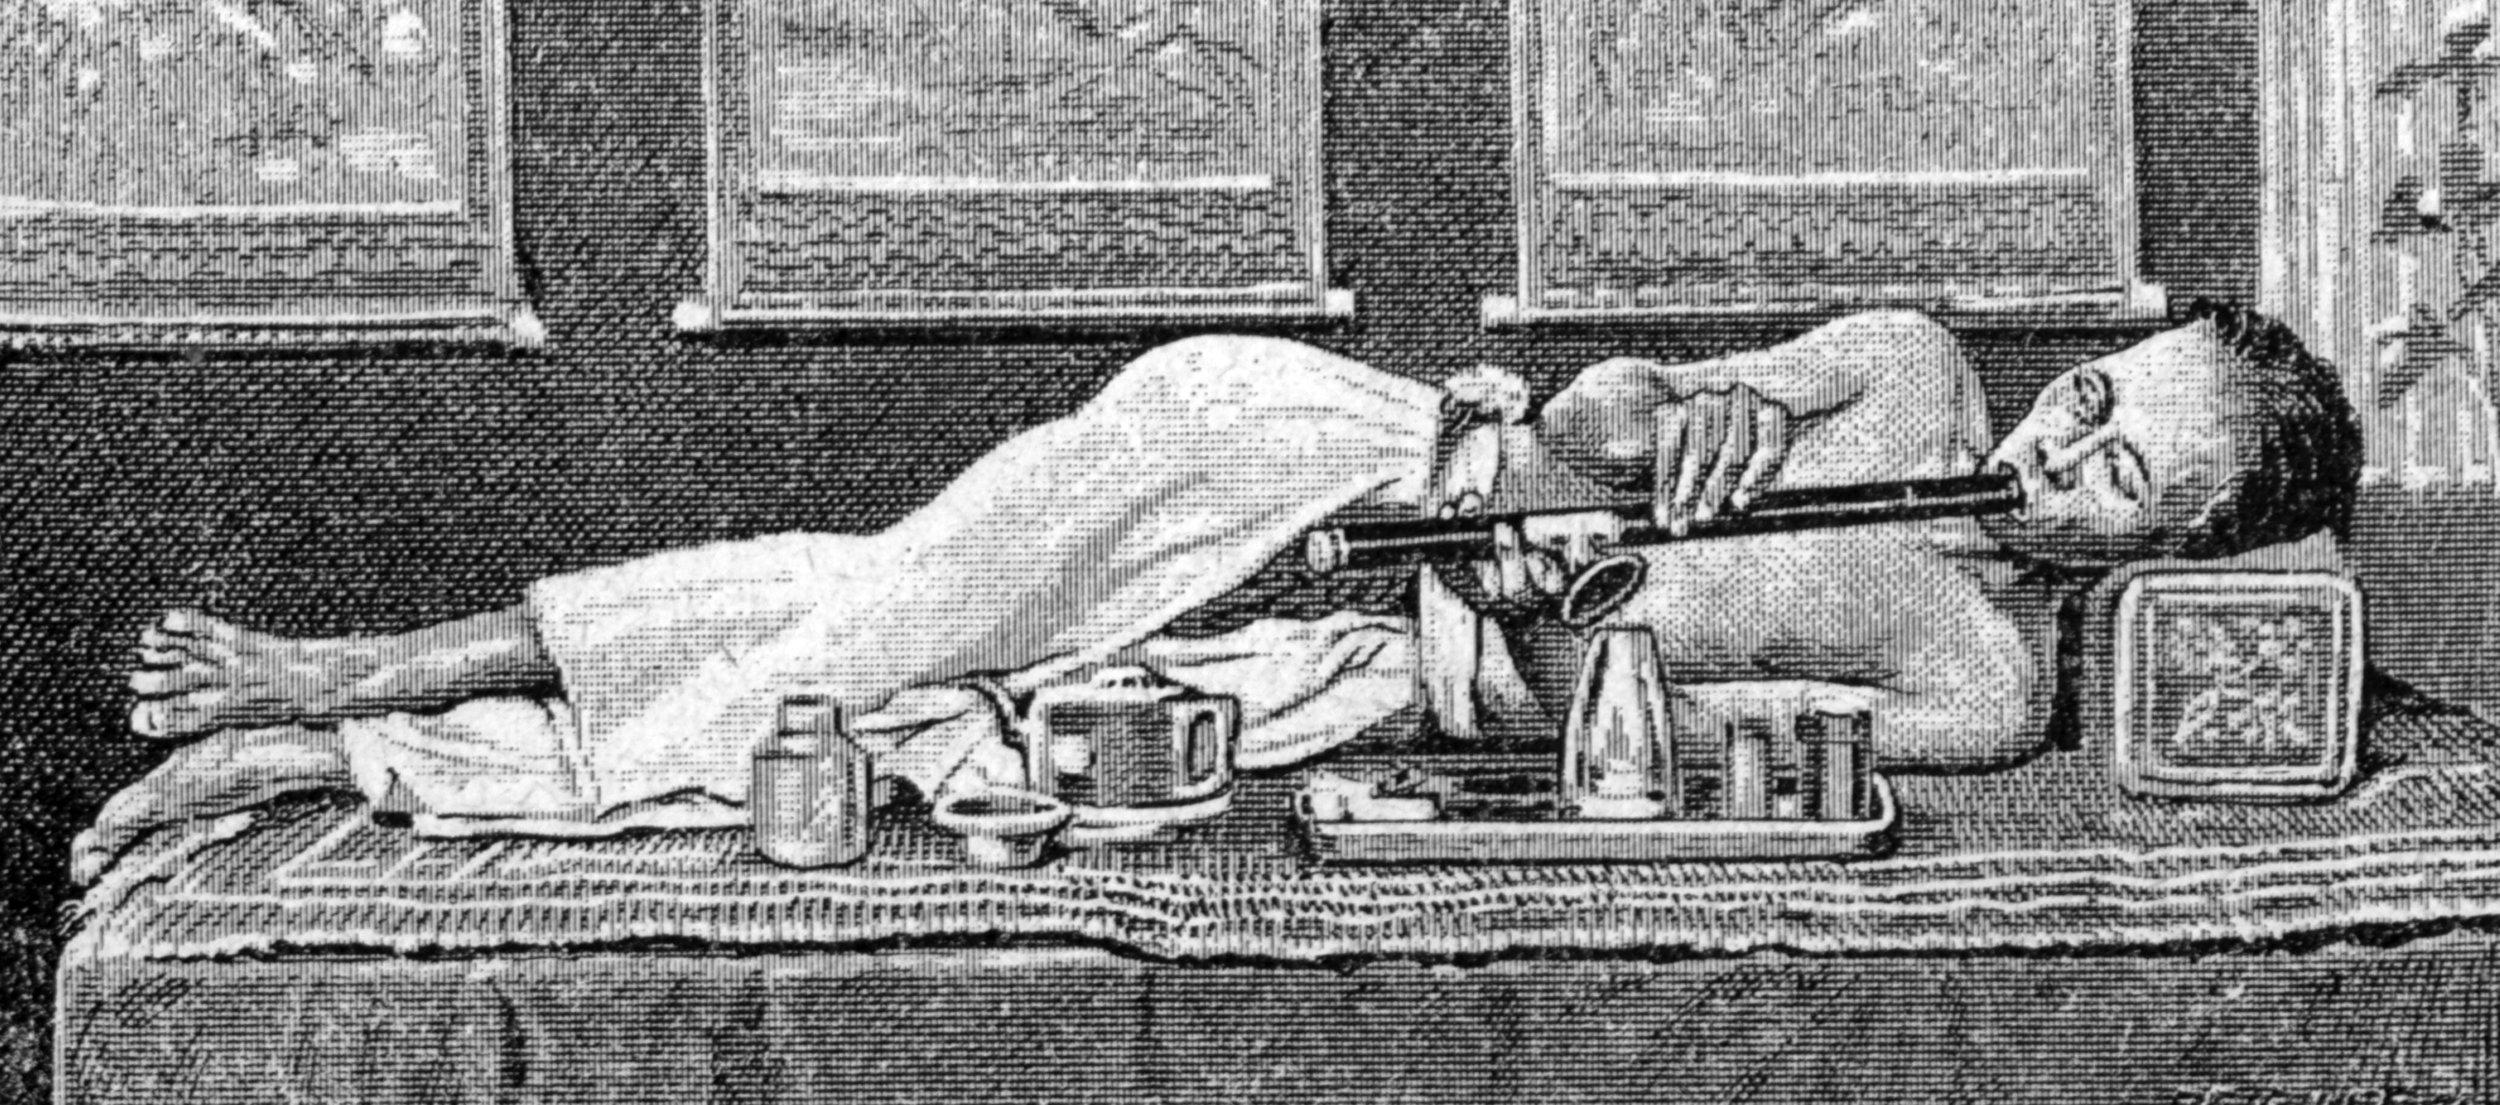 Opium addict – 19th century